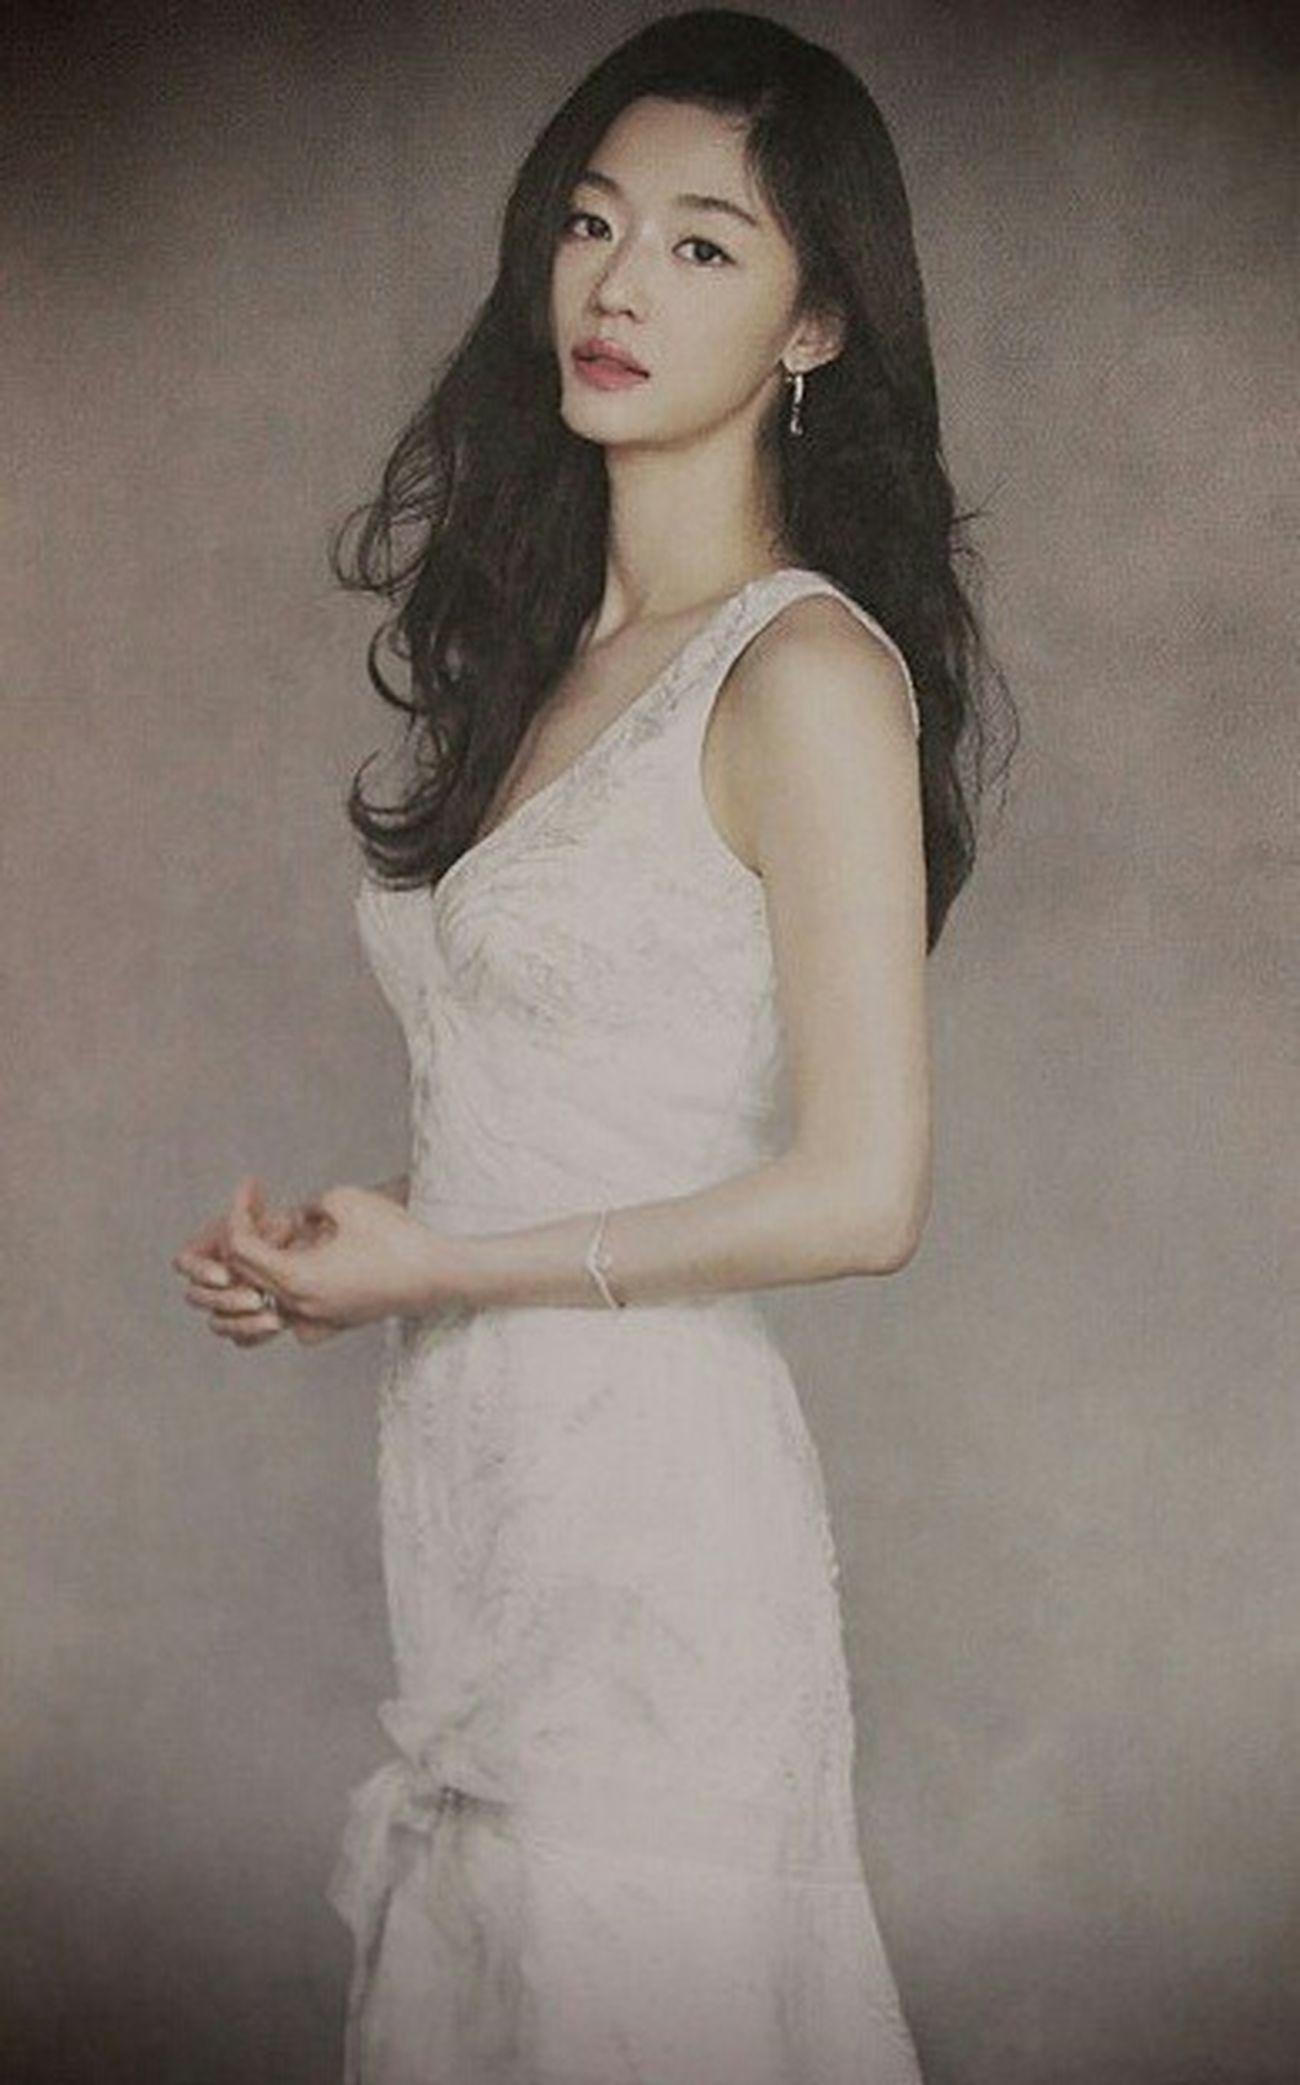 전생에 나라를 구하면 이렇게 태어날까. 이쁨 완전이쁨 Beautiful Korean Actress 전지현